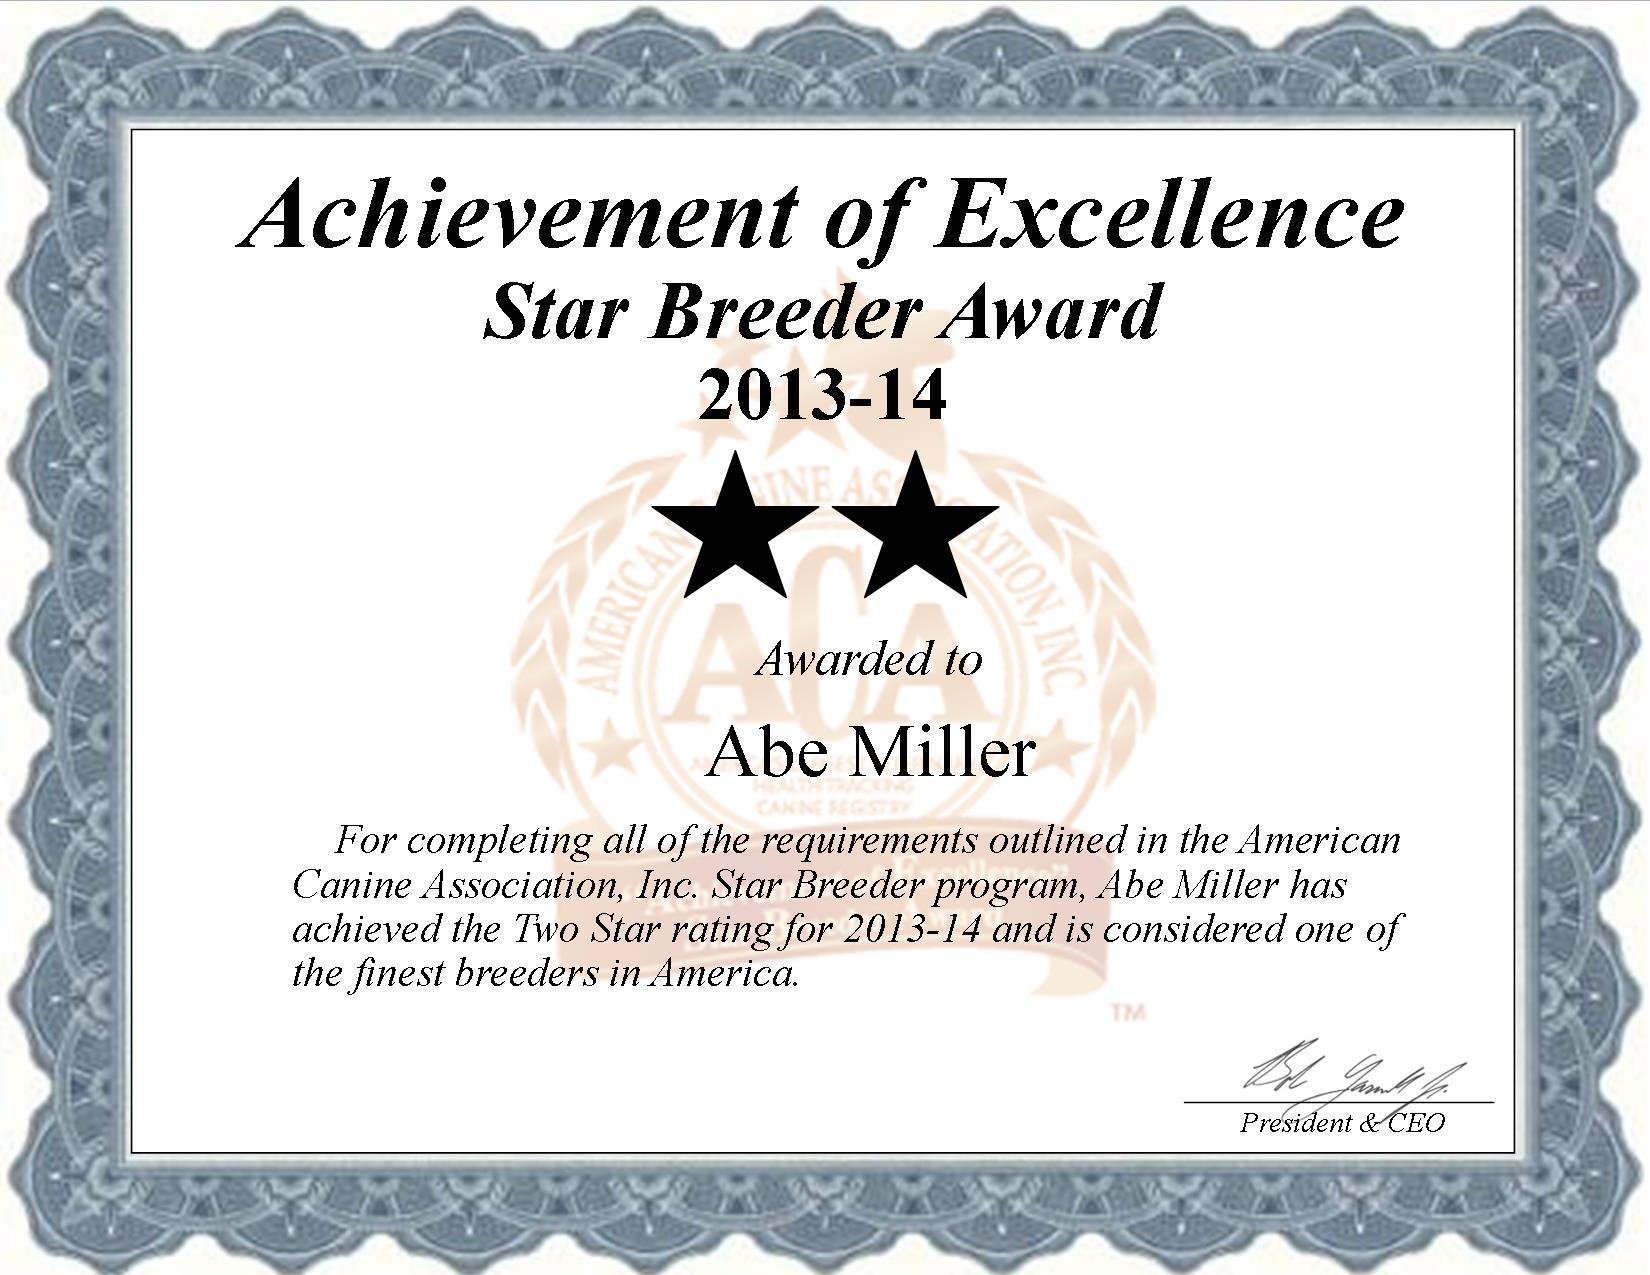 Abe Miller, Miller, abe, Abraham, Miller kennel, broker, house of pets, breeder, star breeder, star breeder, 5 star, ACA, fresno, Ohio, oh, dog, puppy, puppies, five star, professional, show breeder, starbreeders, pet, show breeder, champions